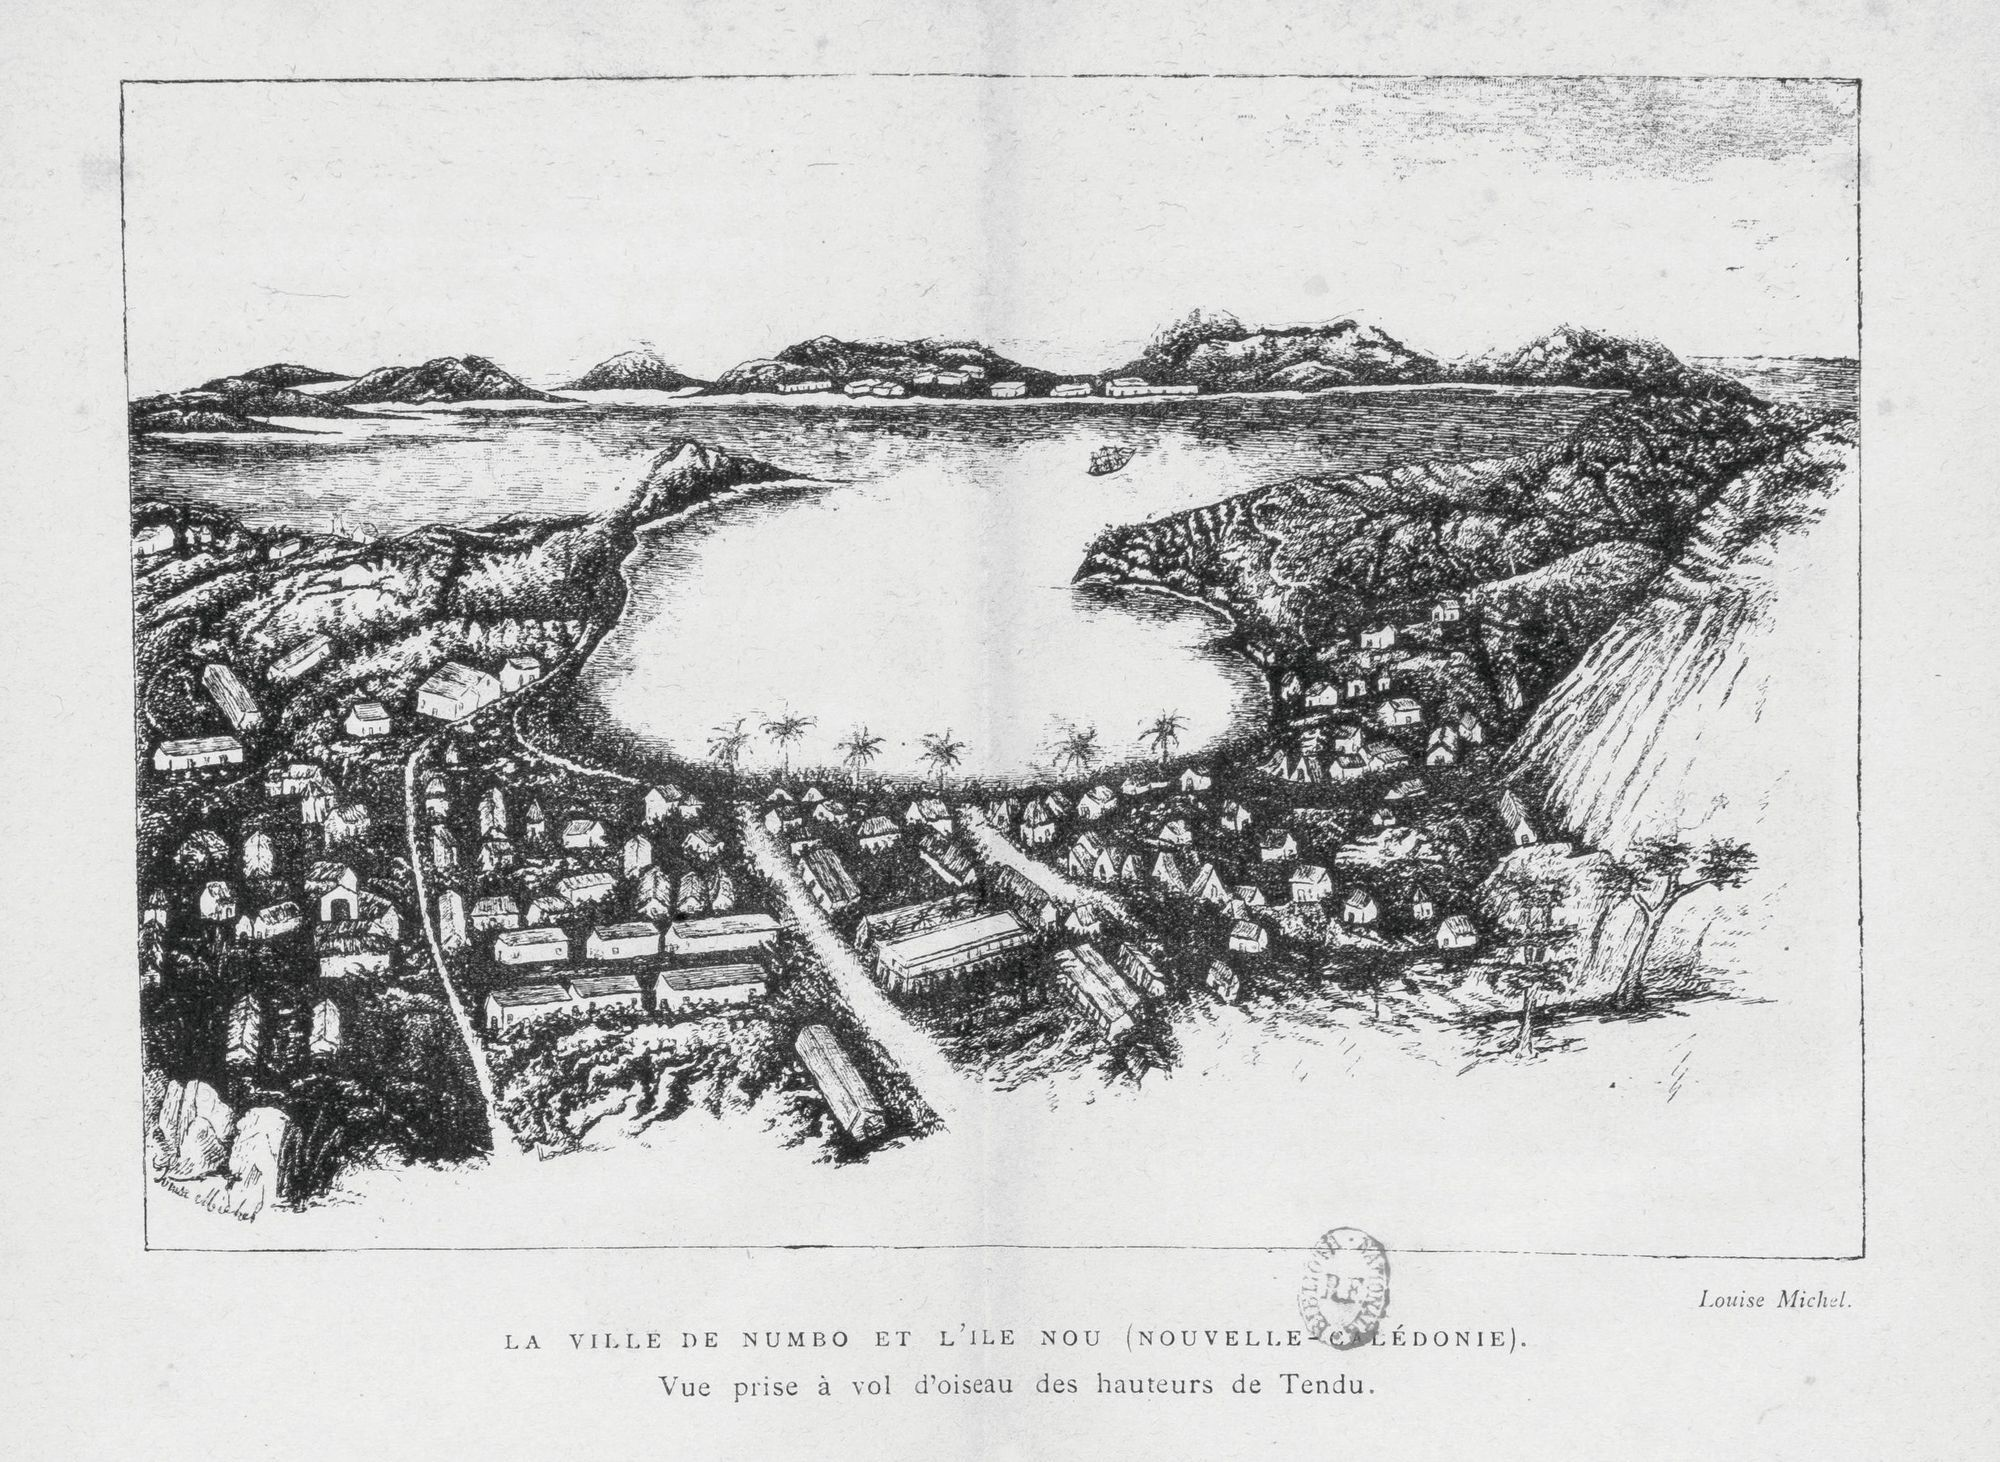 La ville de Numbo et l'île de Nou - Louise Michel, Légendes et chants de gestes canaques, 1885, dessin au fusain.